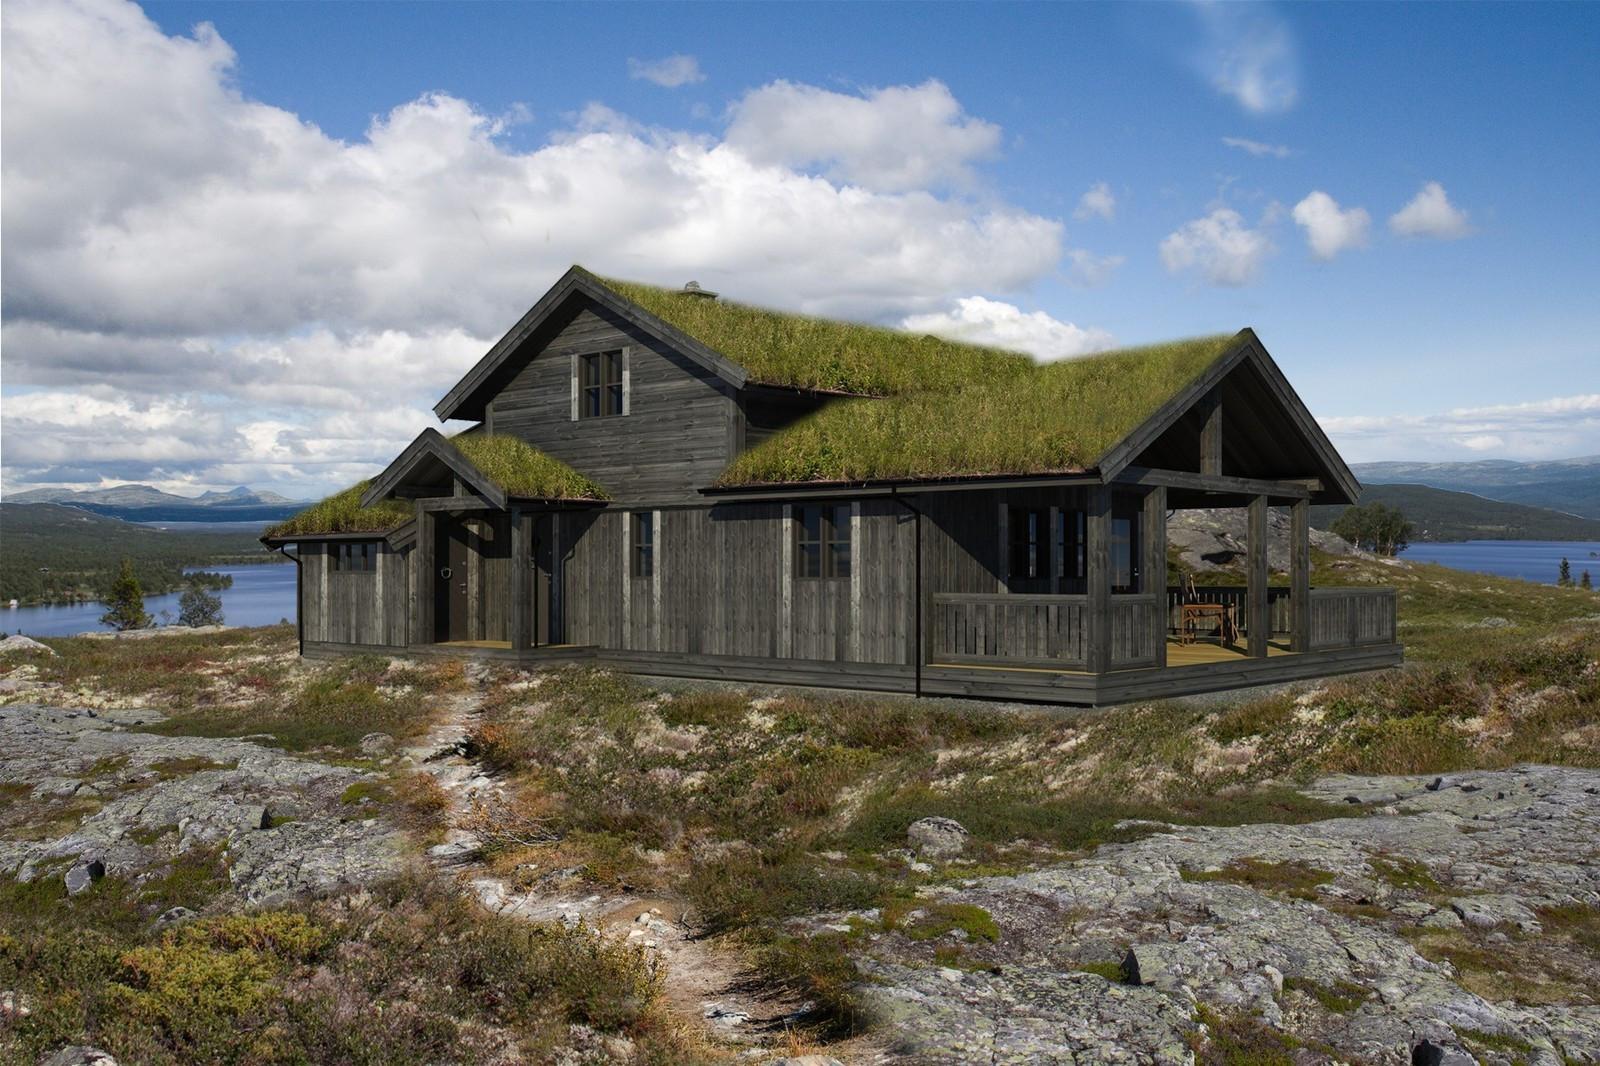 Spesial tilpasset for hyttefeltet er en unik hytte Storodde Spesial fra Buen Lillehammer. Hytte under oppføring 1 time fra feltet.